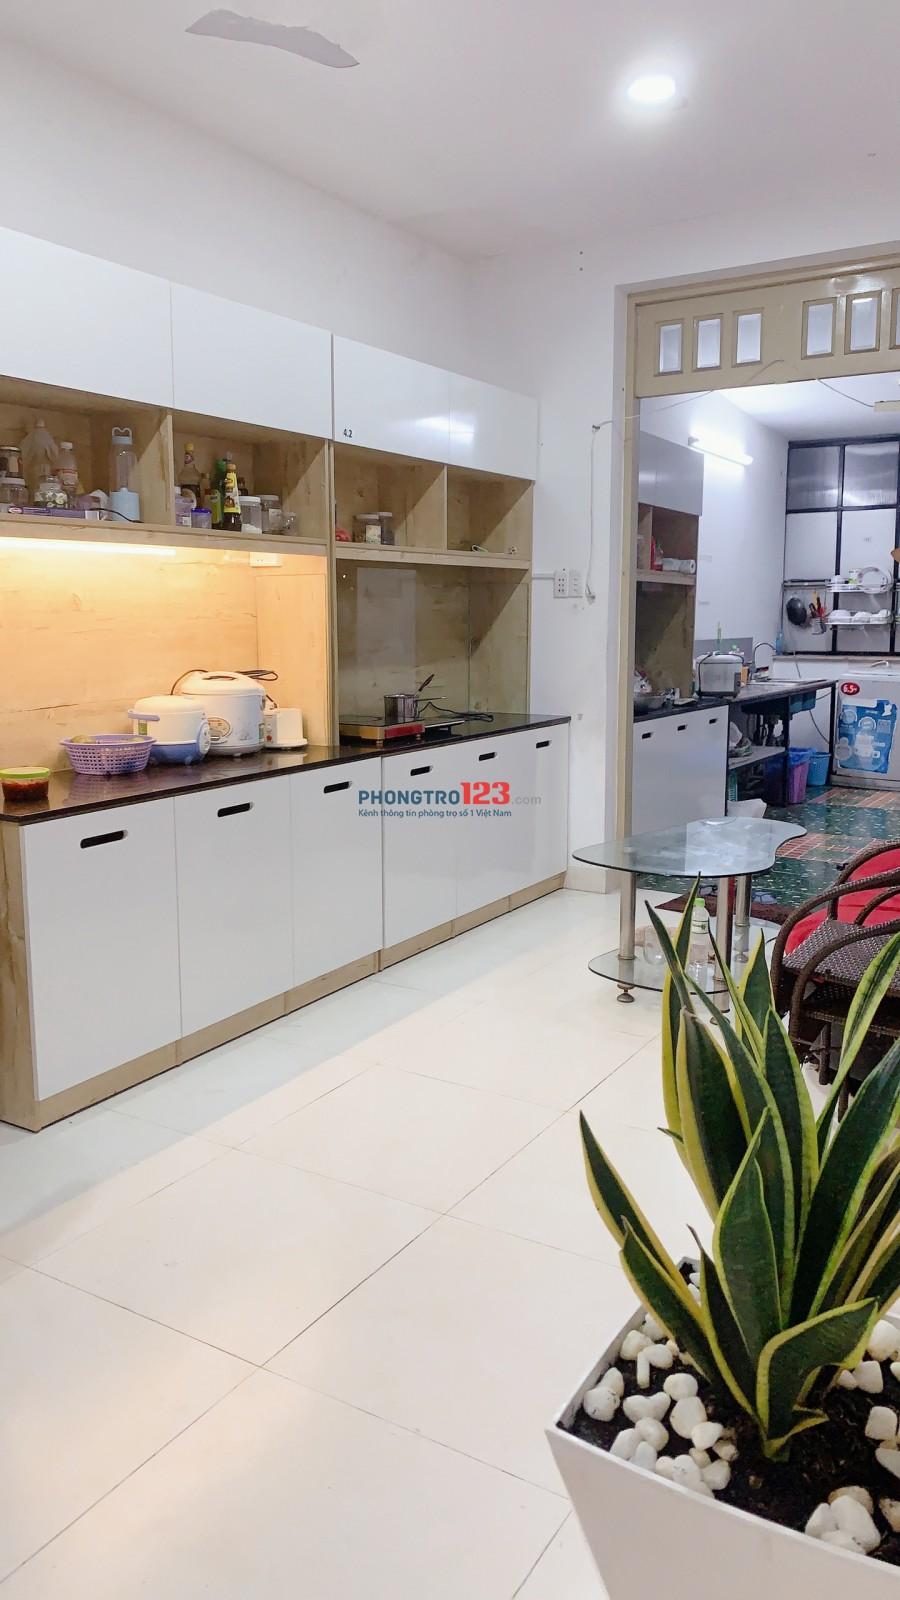 Cho thuê căn hộ dịch vụ mini, giá thuê chỉ từ 3tr5-5tr5/tháng, khu An Phú trung tâm Quận 2